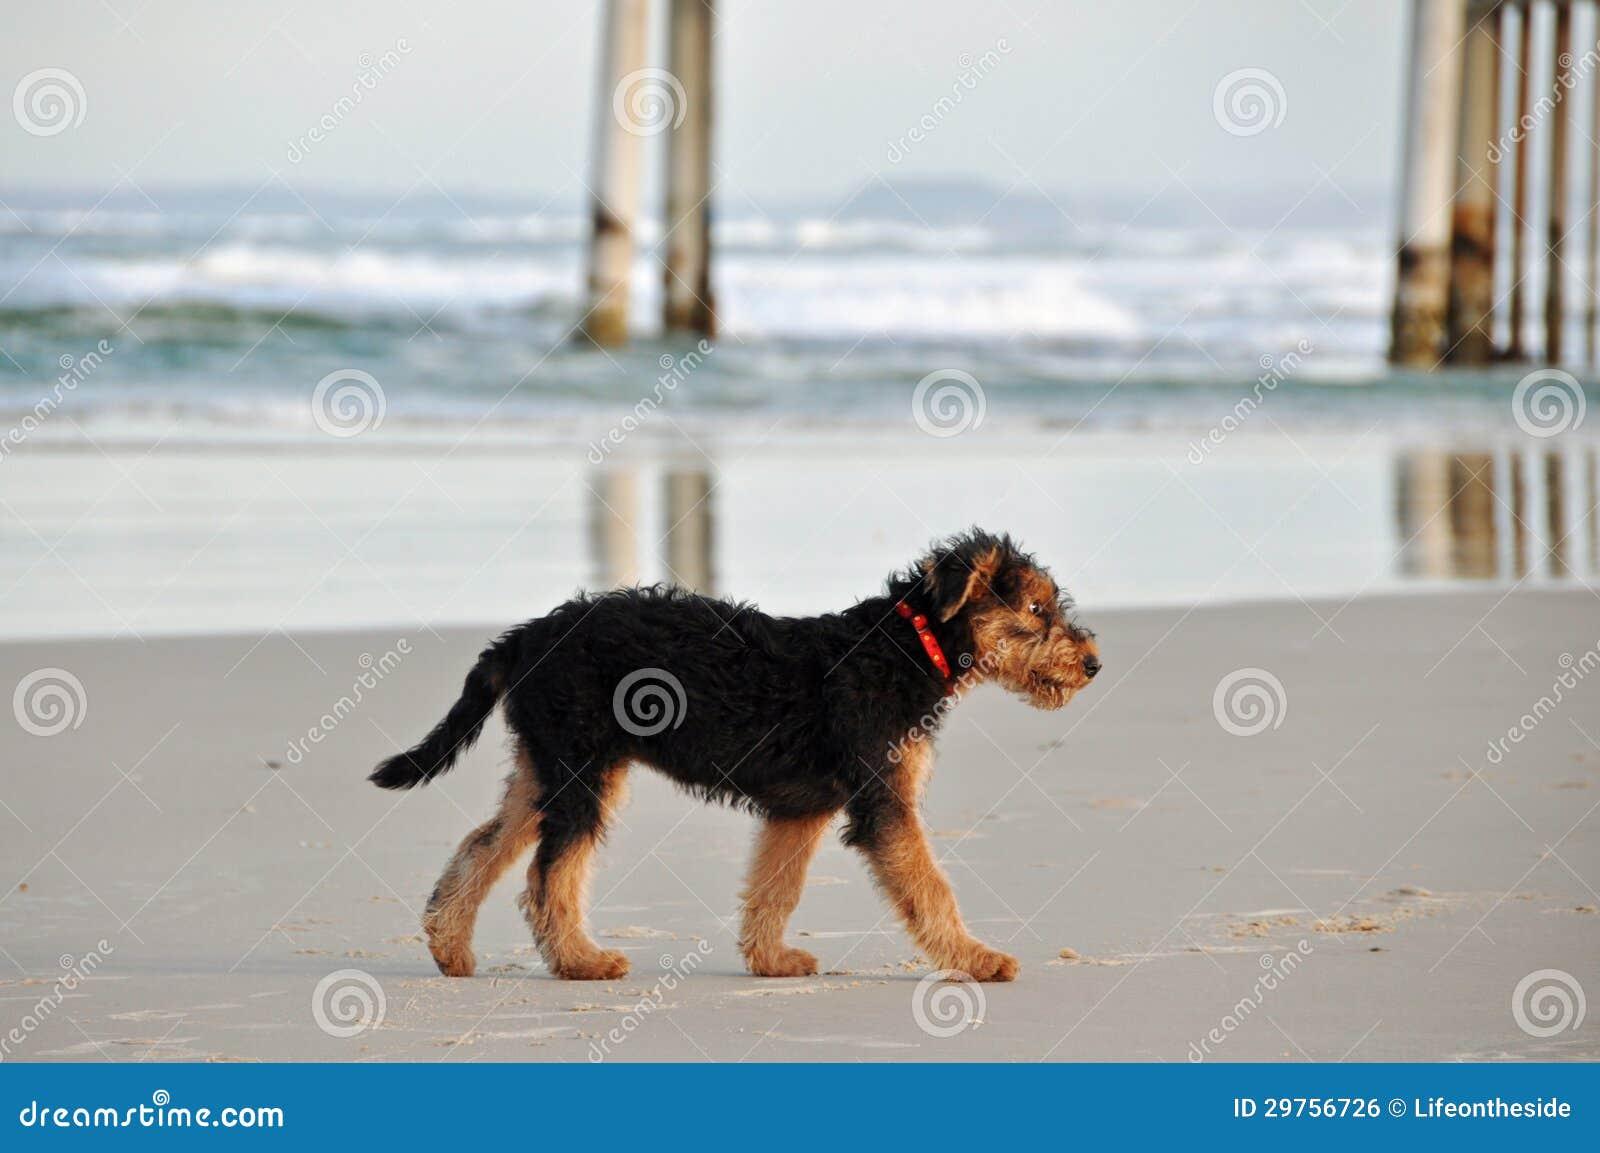 Щенок Terrier Airedale самостоятельно потерянный на пустом прибое